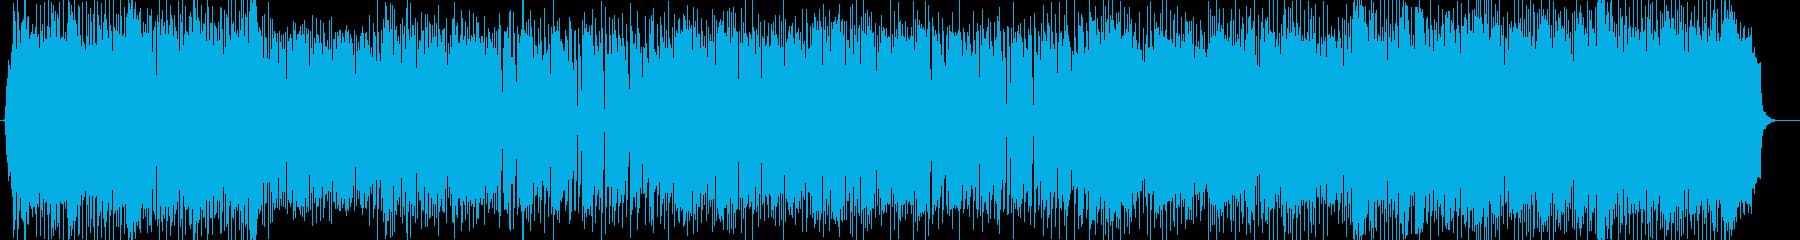 勢いのあるシンセなどサウンドの再生済みの波形